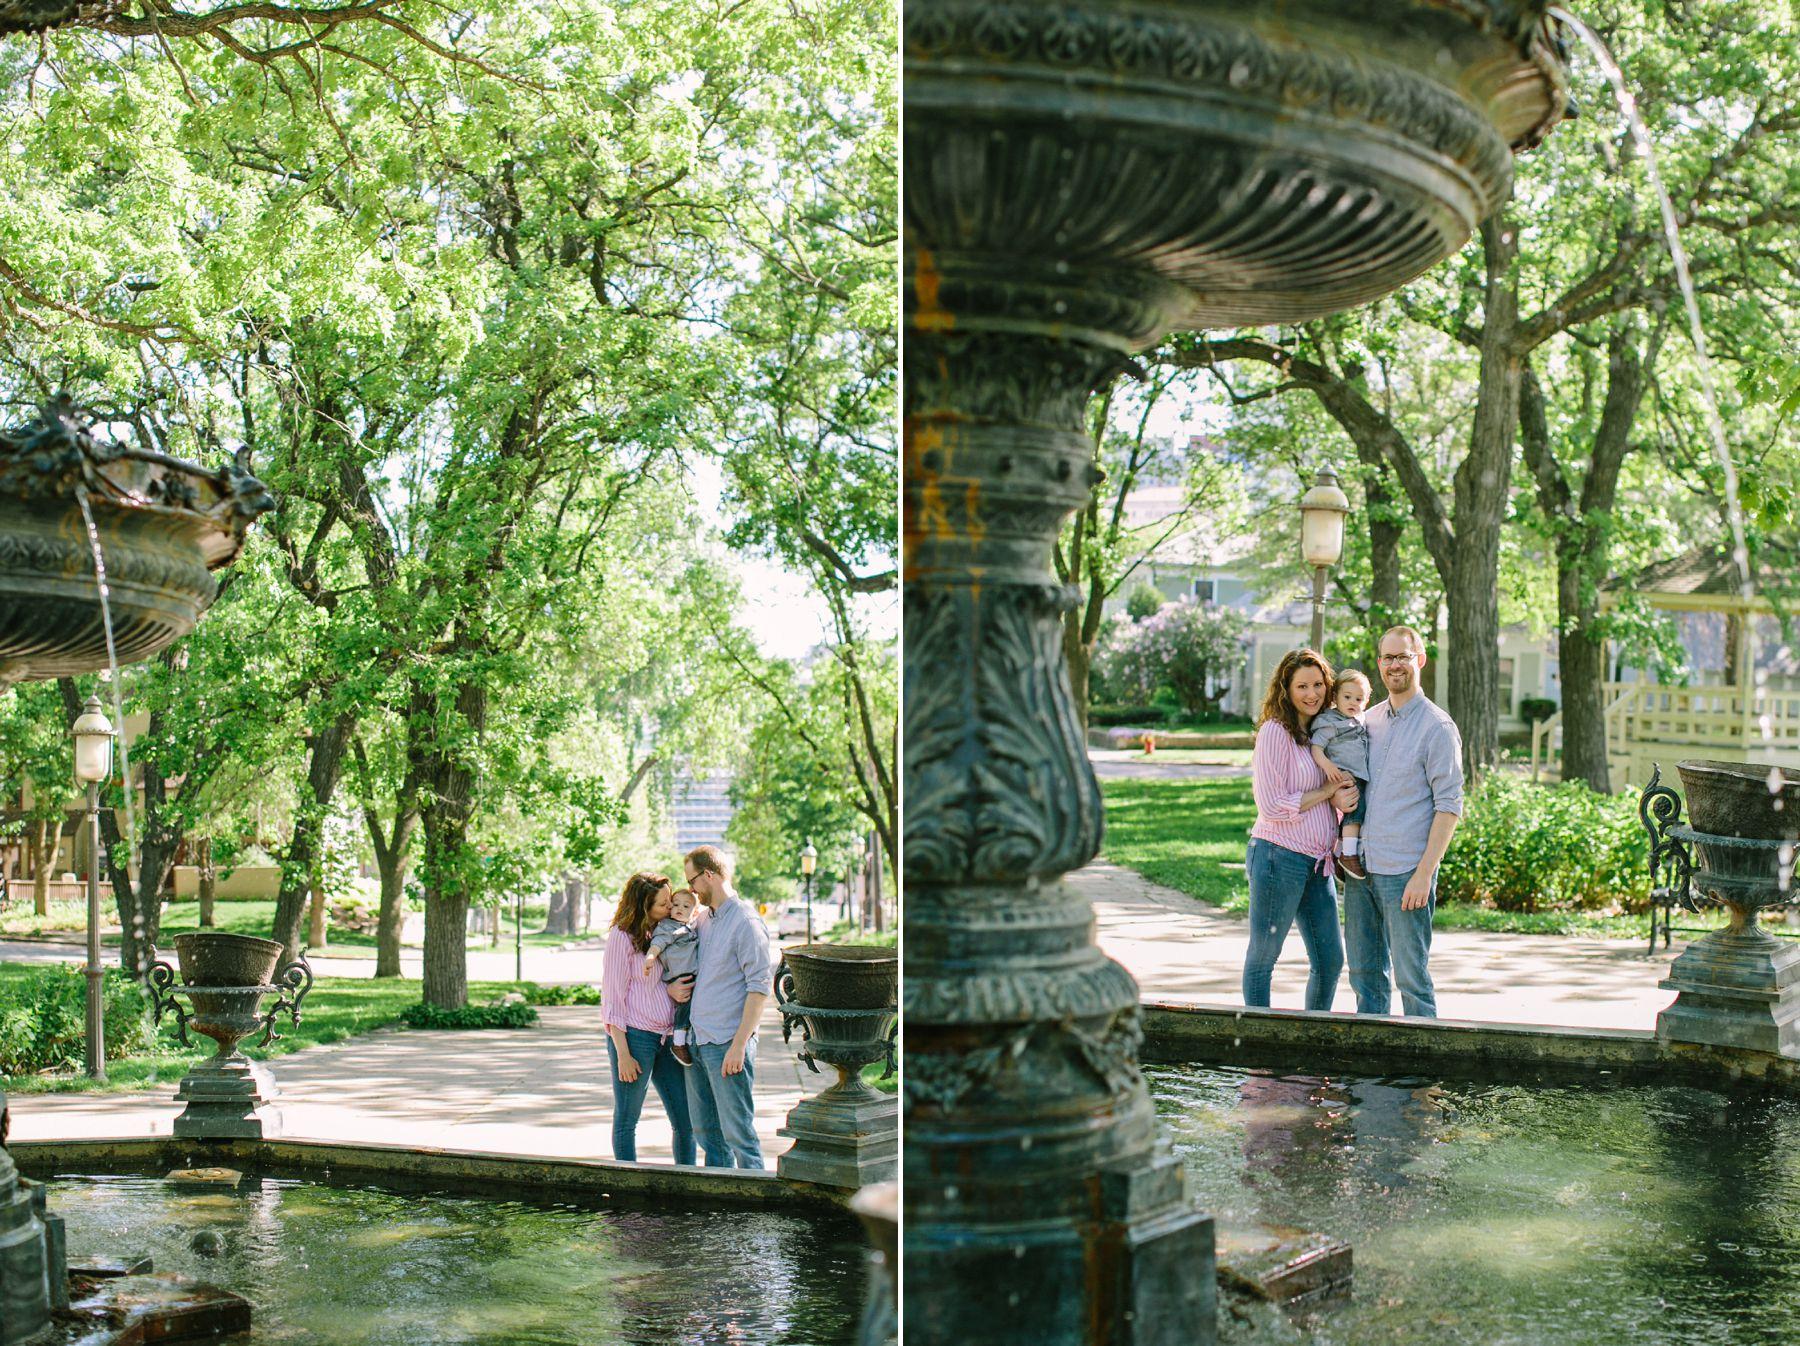 Saint_Paul_Family_Photos-Historic_Parks_1367.jpg